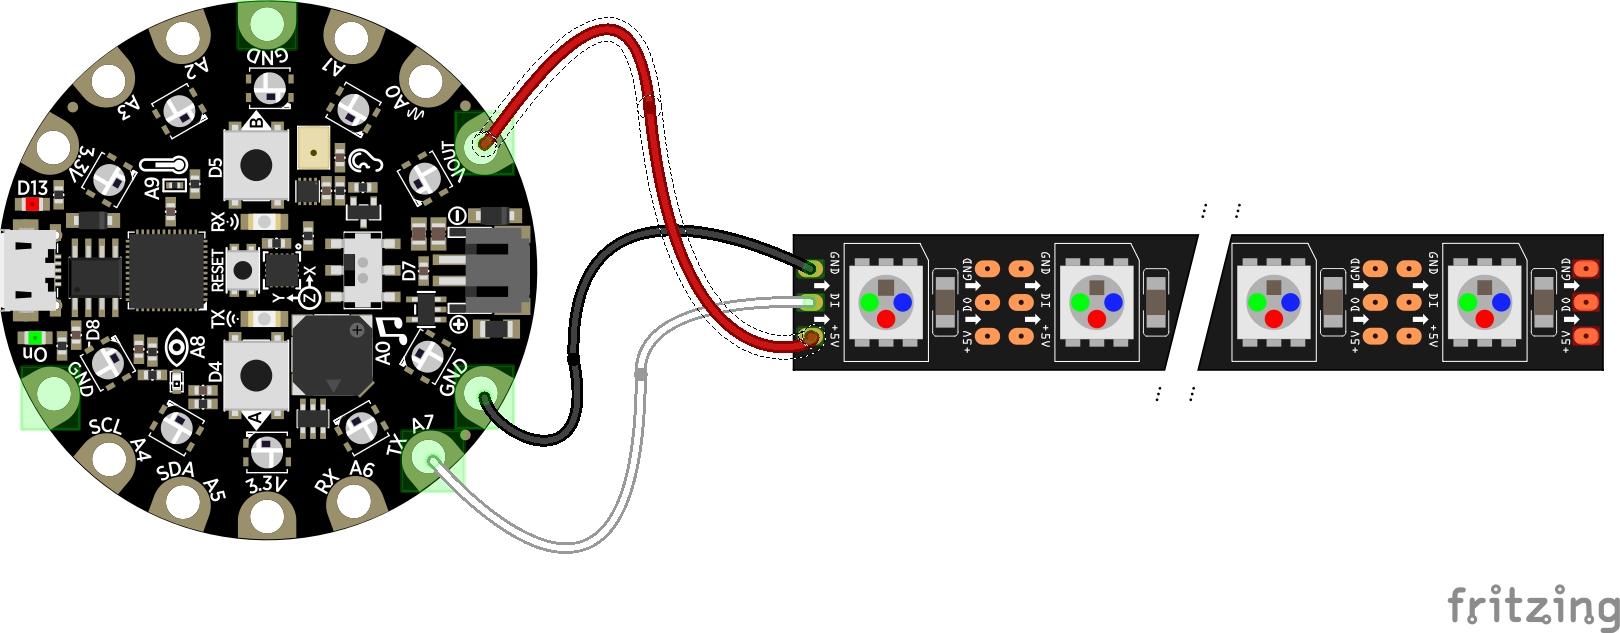 leds_rocket_diagram_(1).jpg